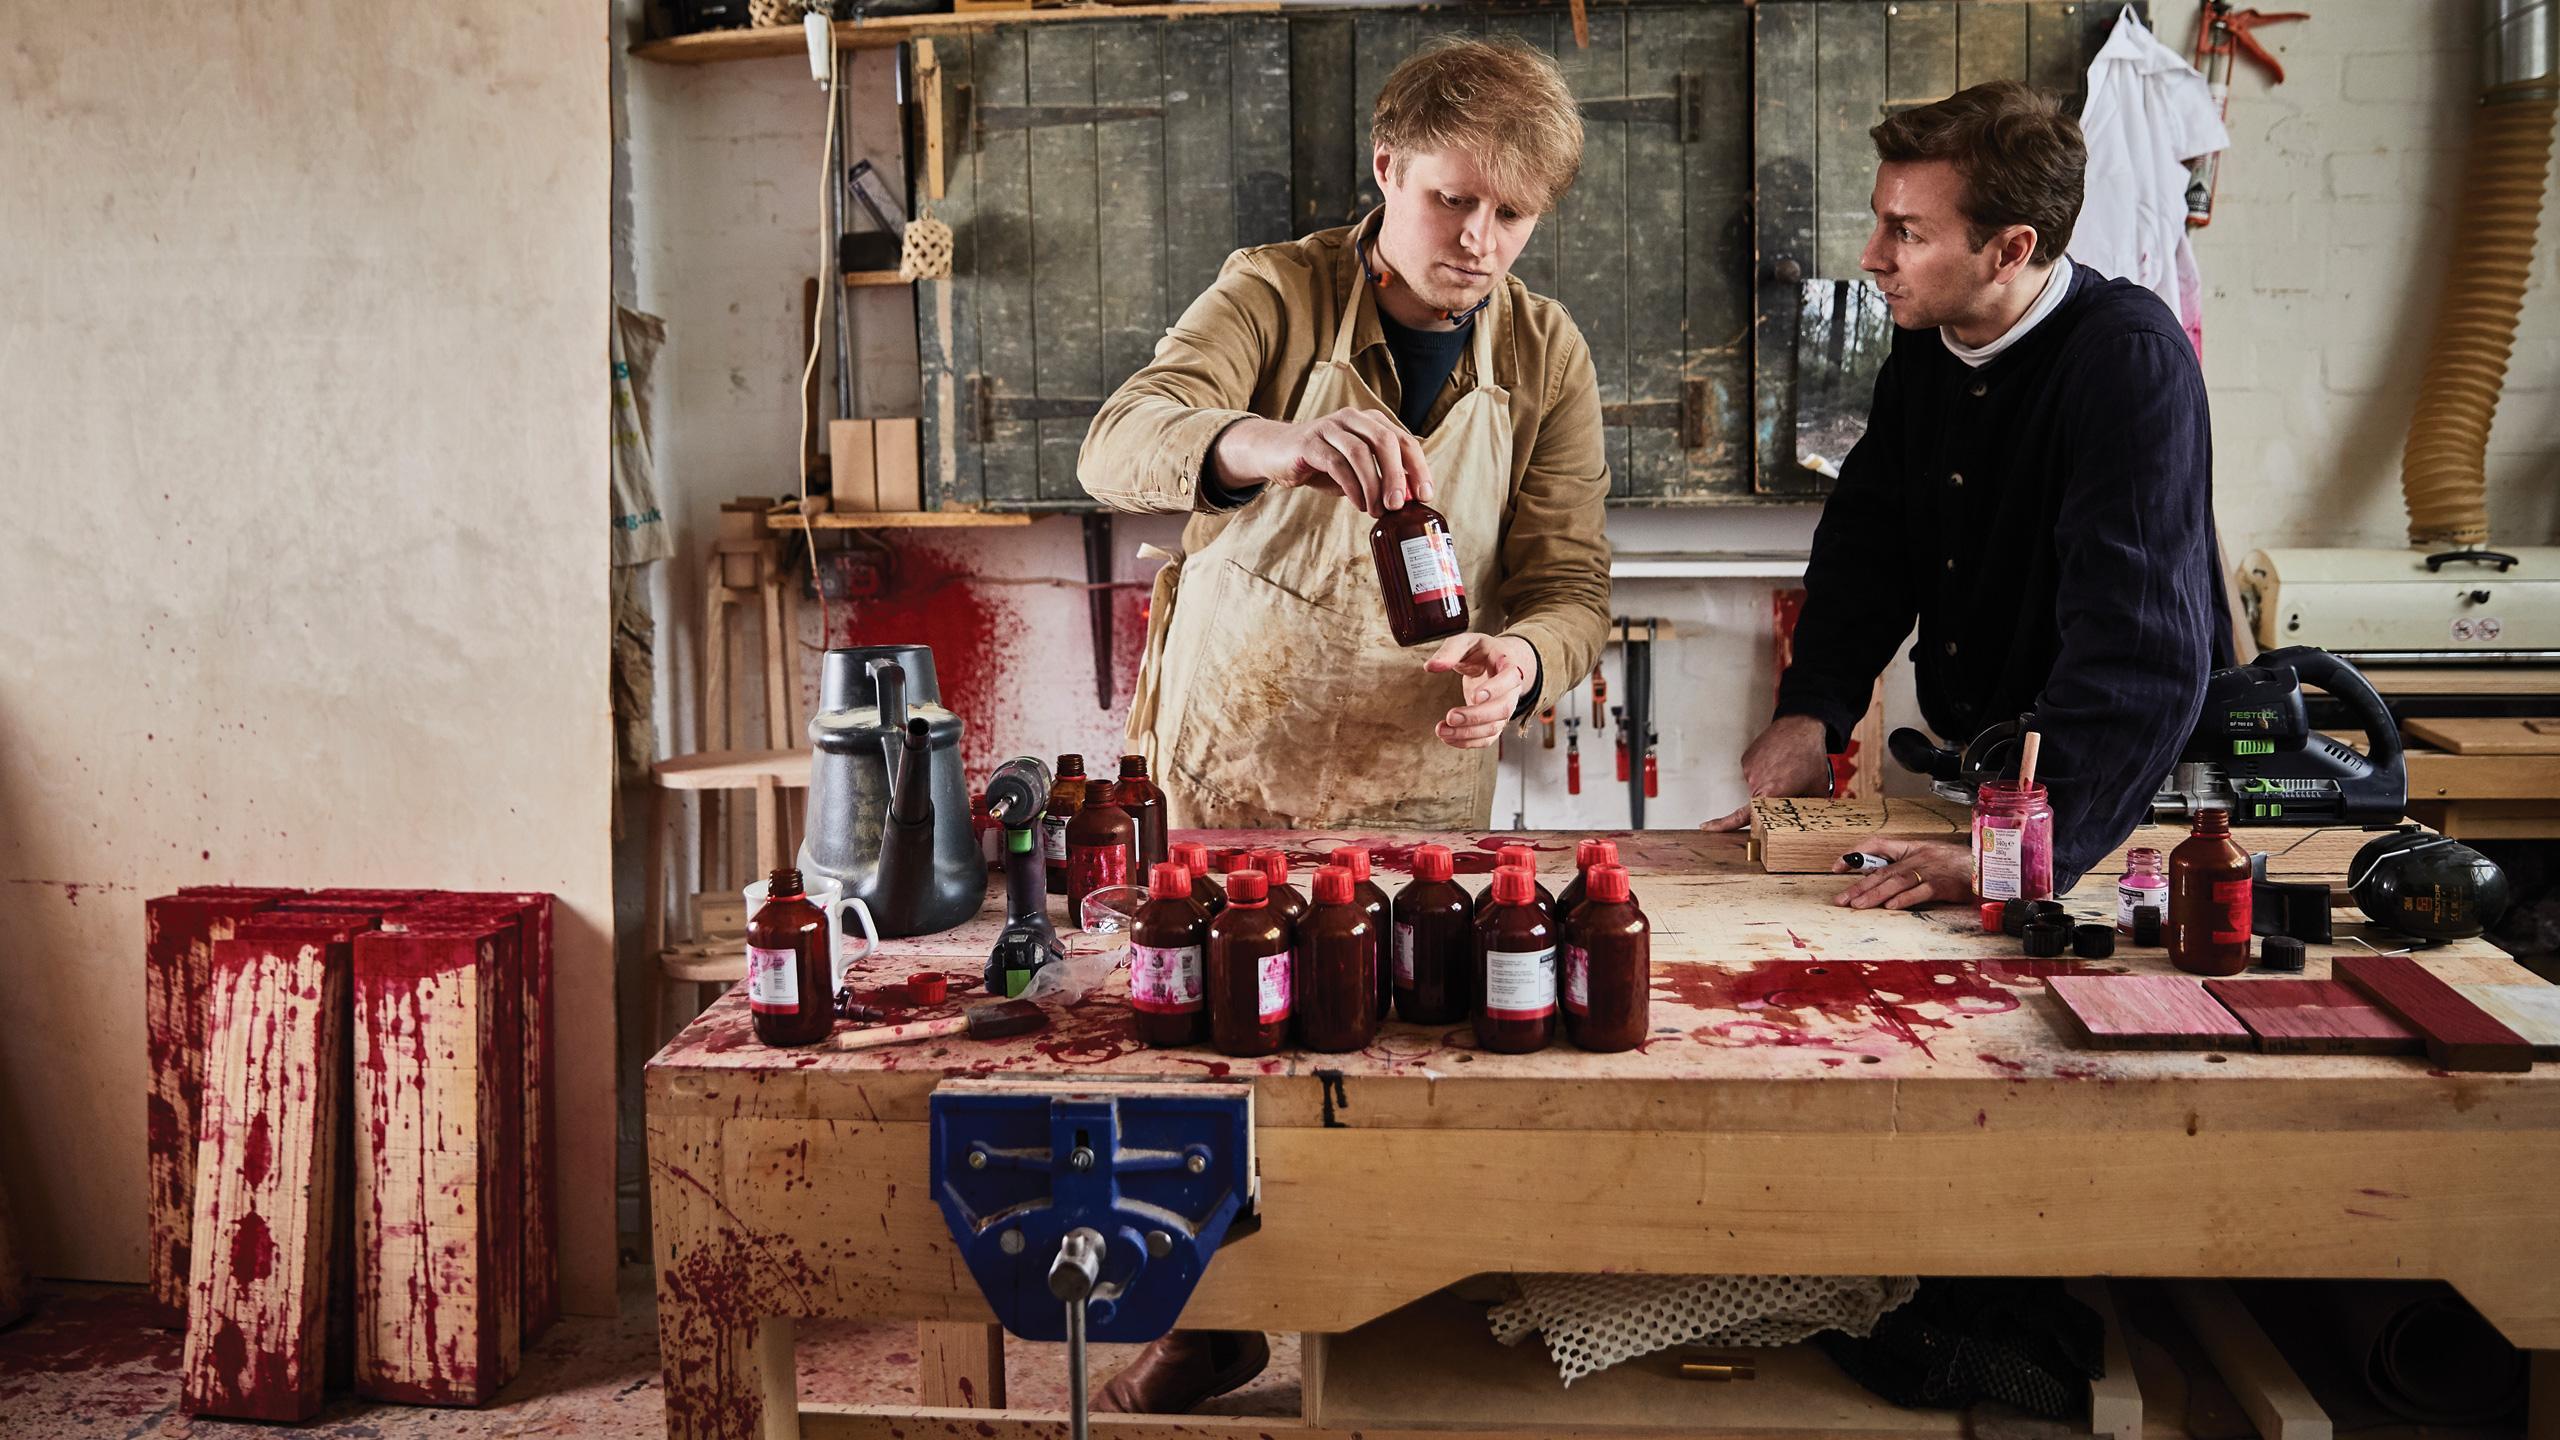 Blushing-Bar_Making_3_carousel_image